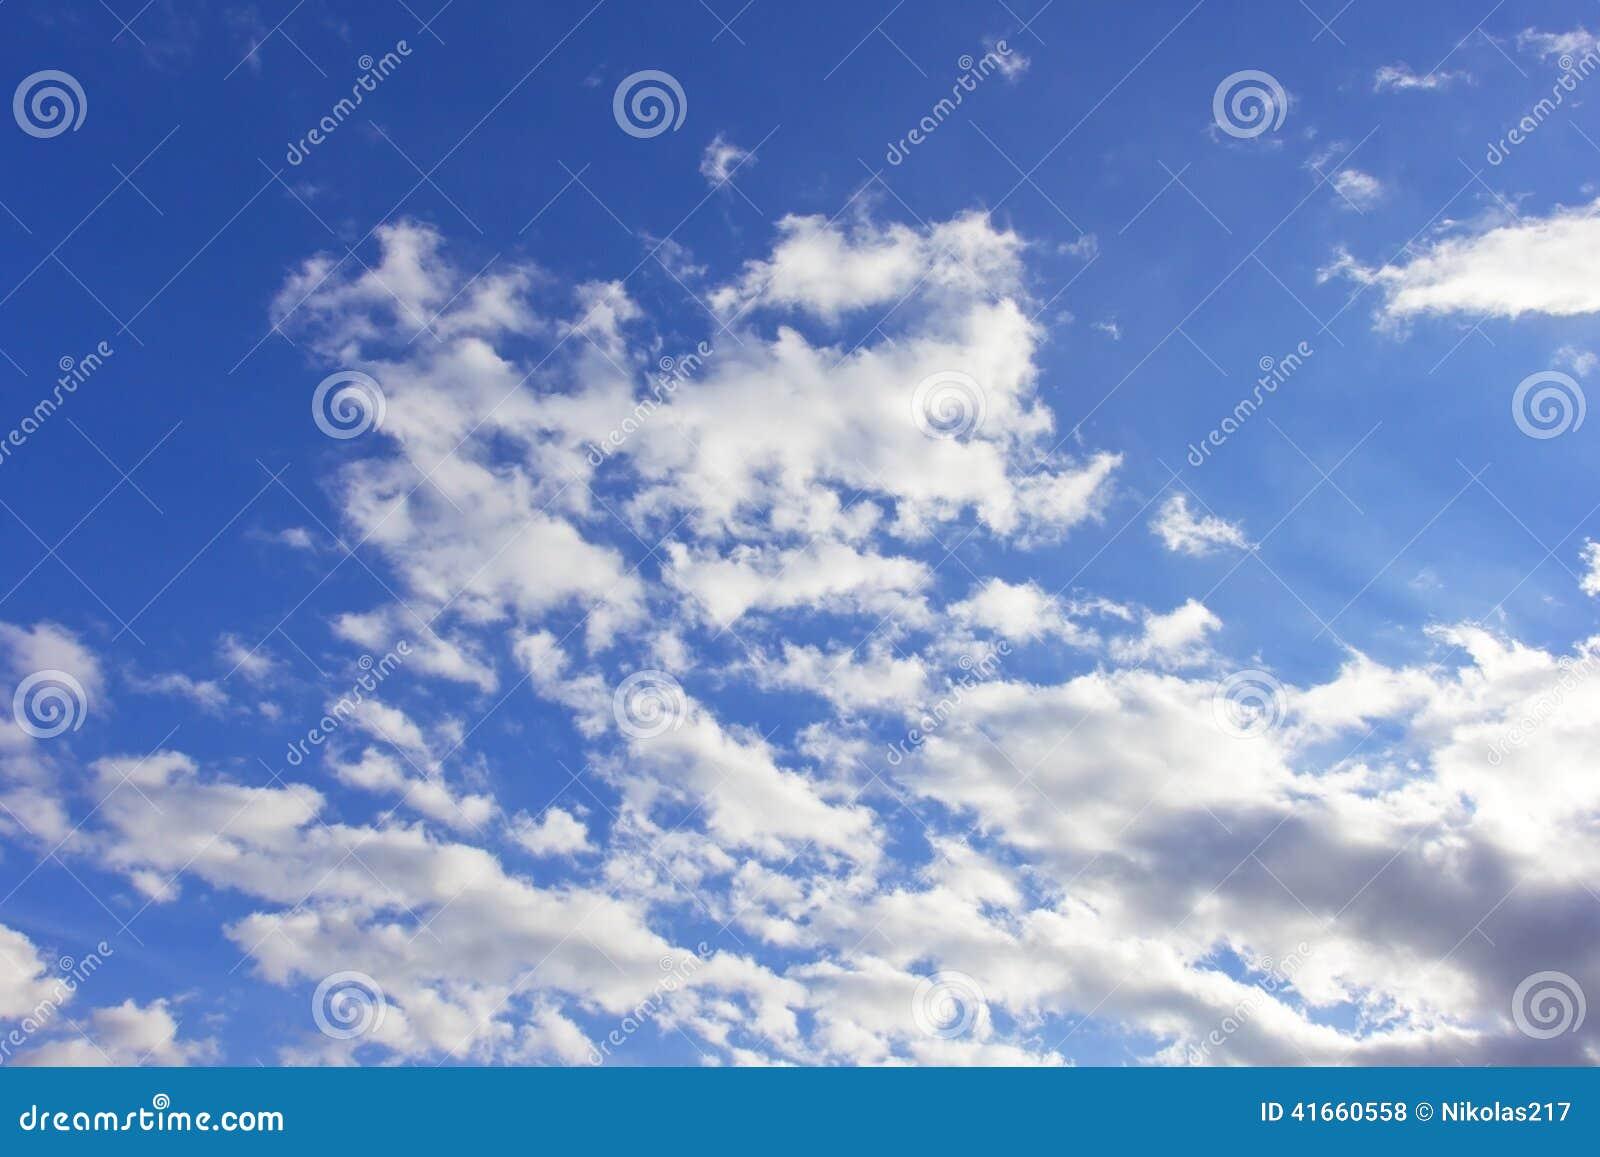 голубое небо